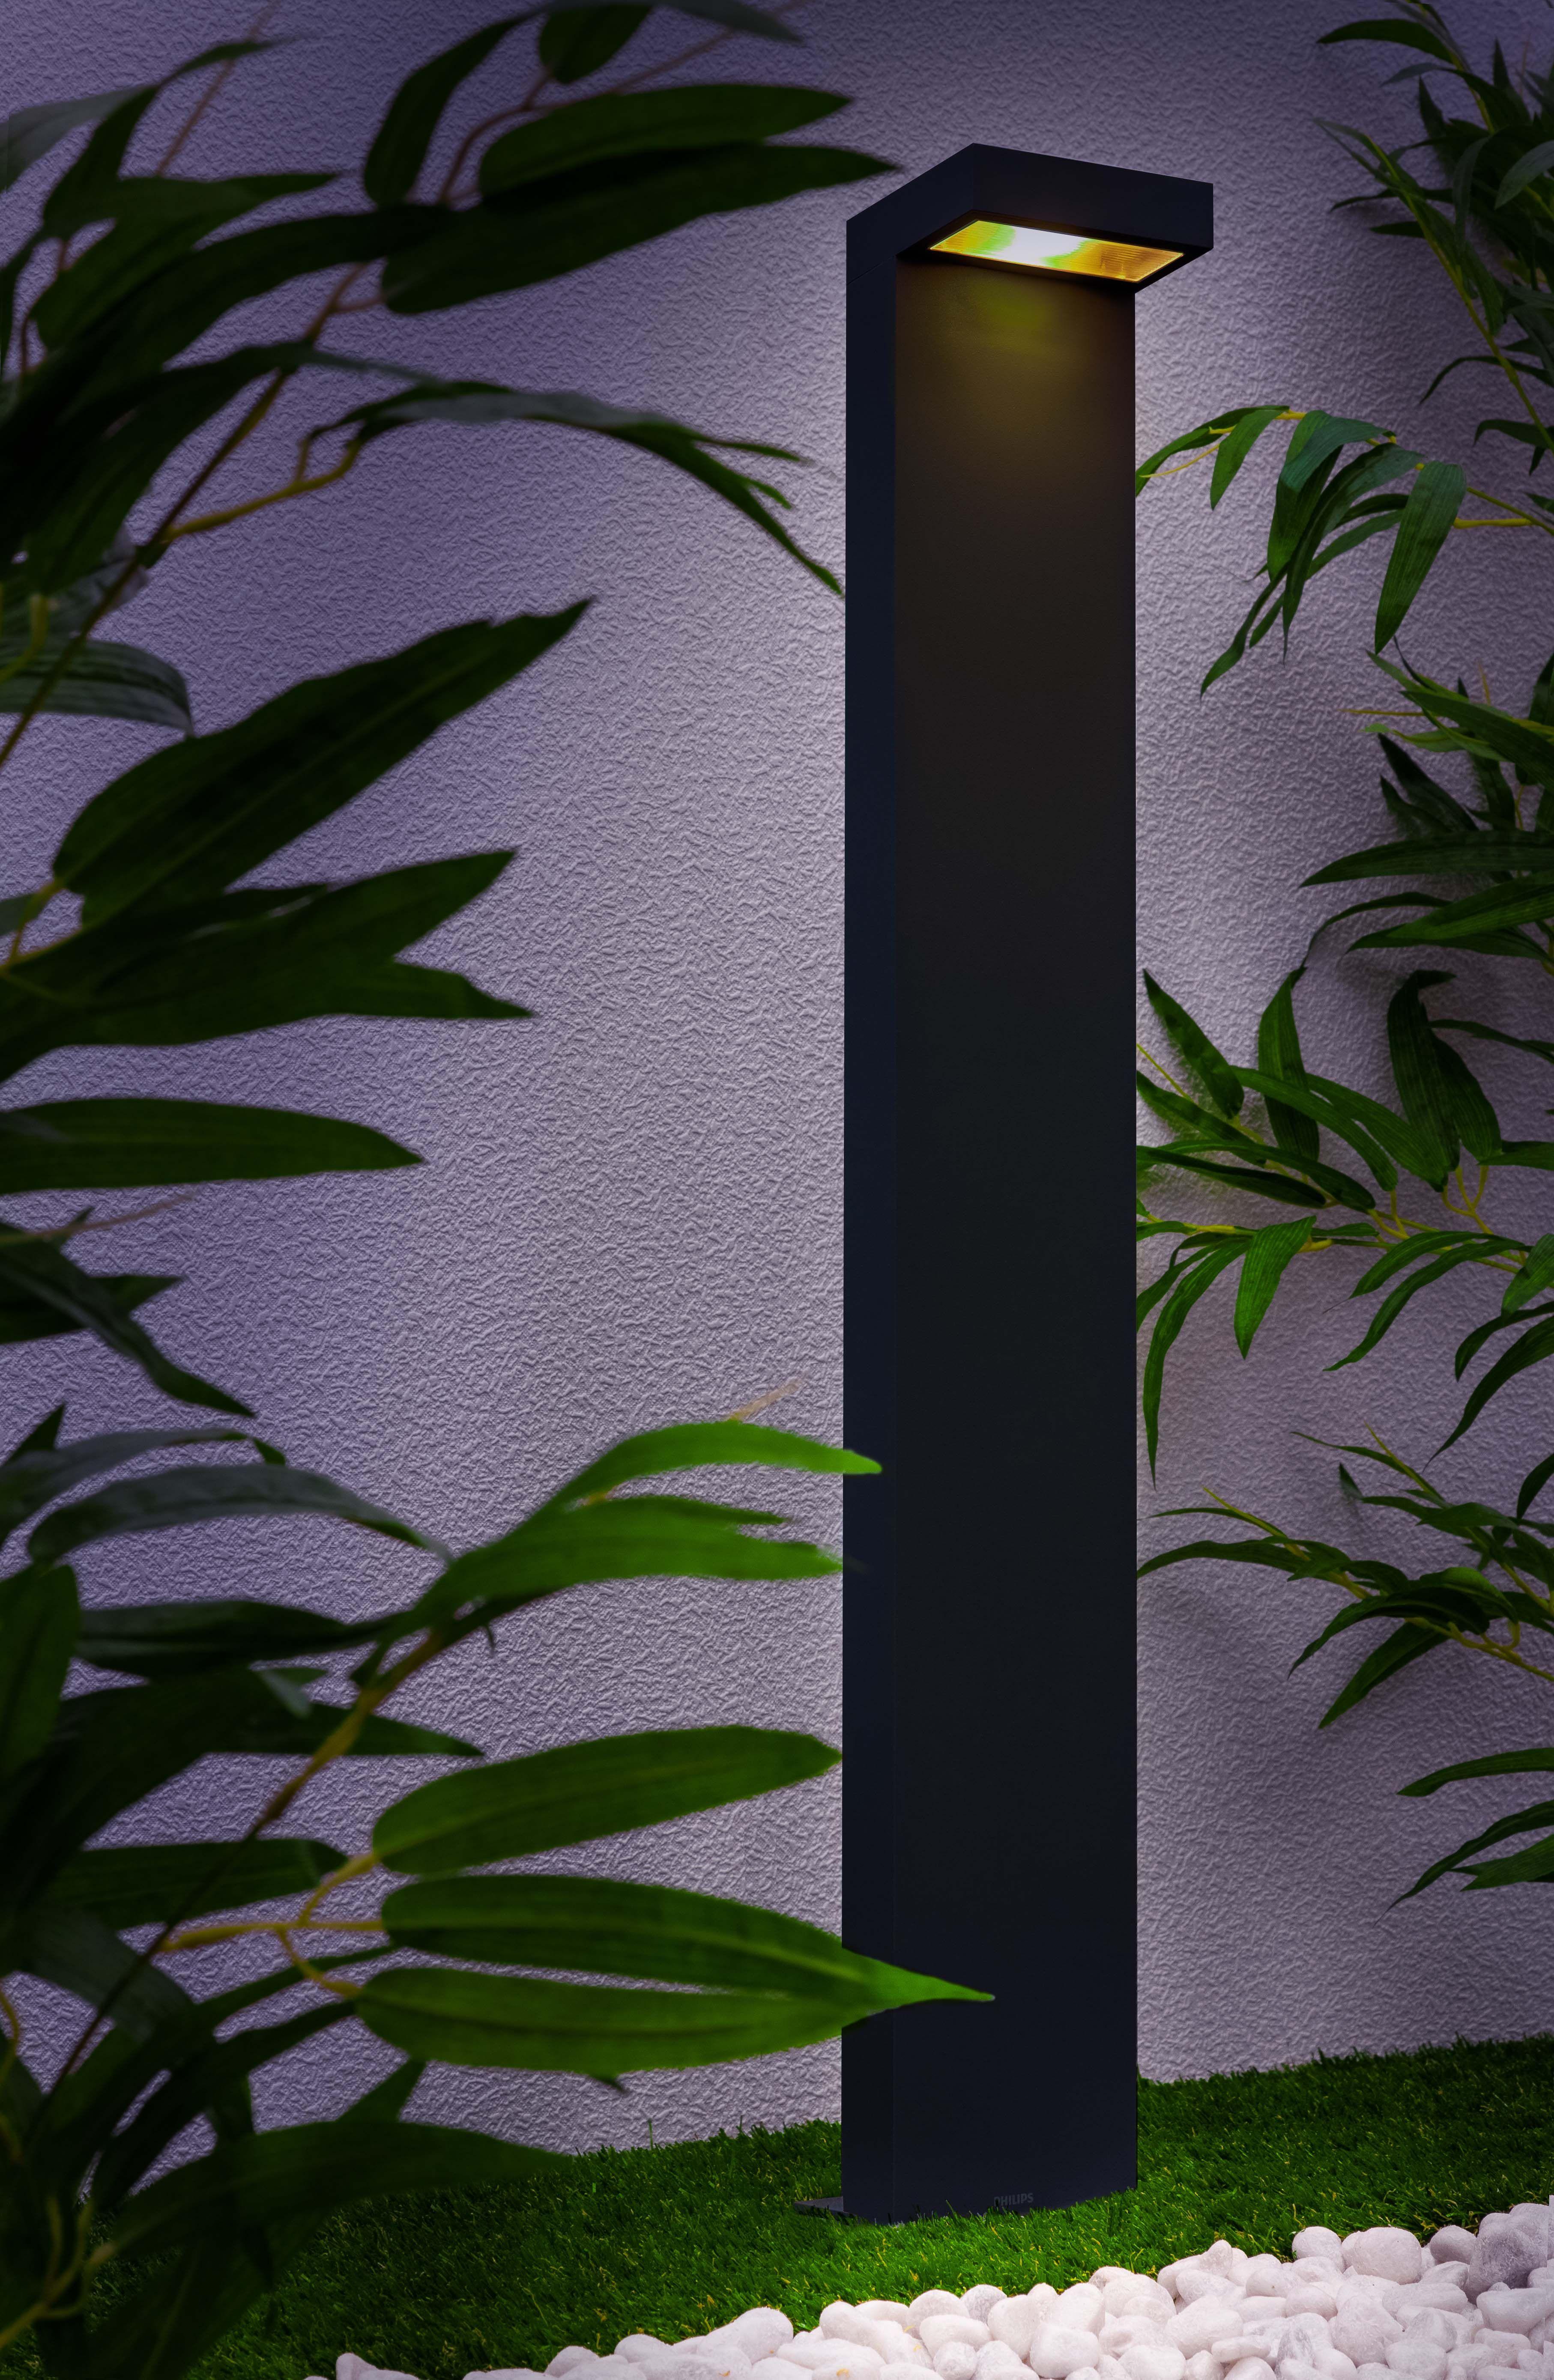 La Borne Ledino Riverside Pour Eclairer Son Jardin Et Voir Les Arbres Jaillir Du Noir Pendant Vos Soirees D Led Garden Lights Outdoor Post Lights Post Lights